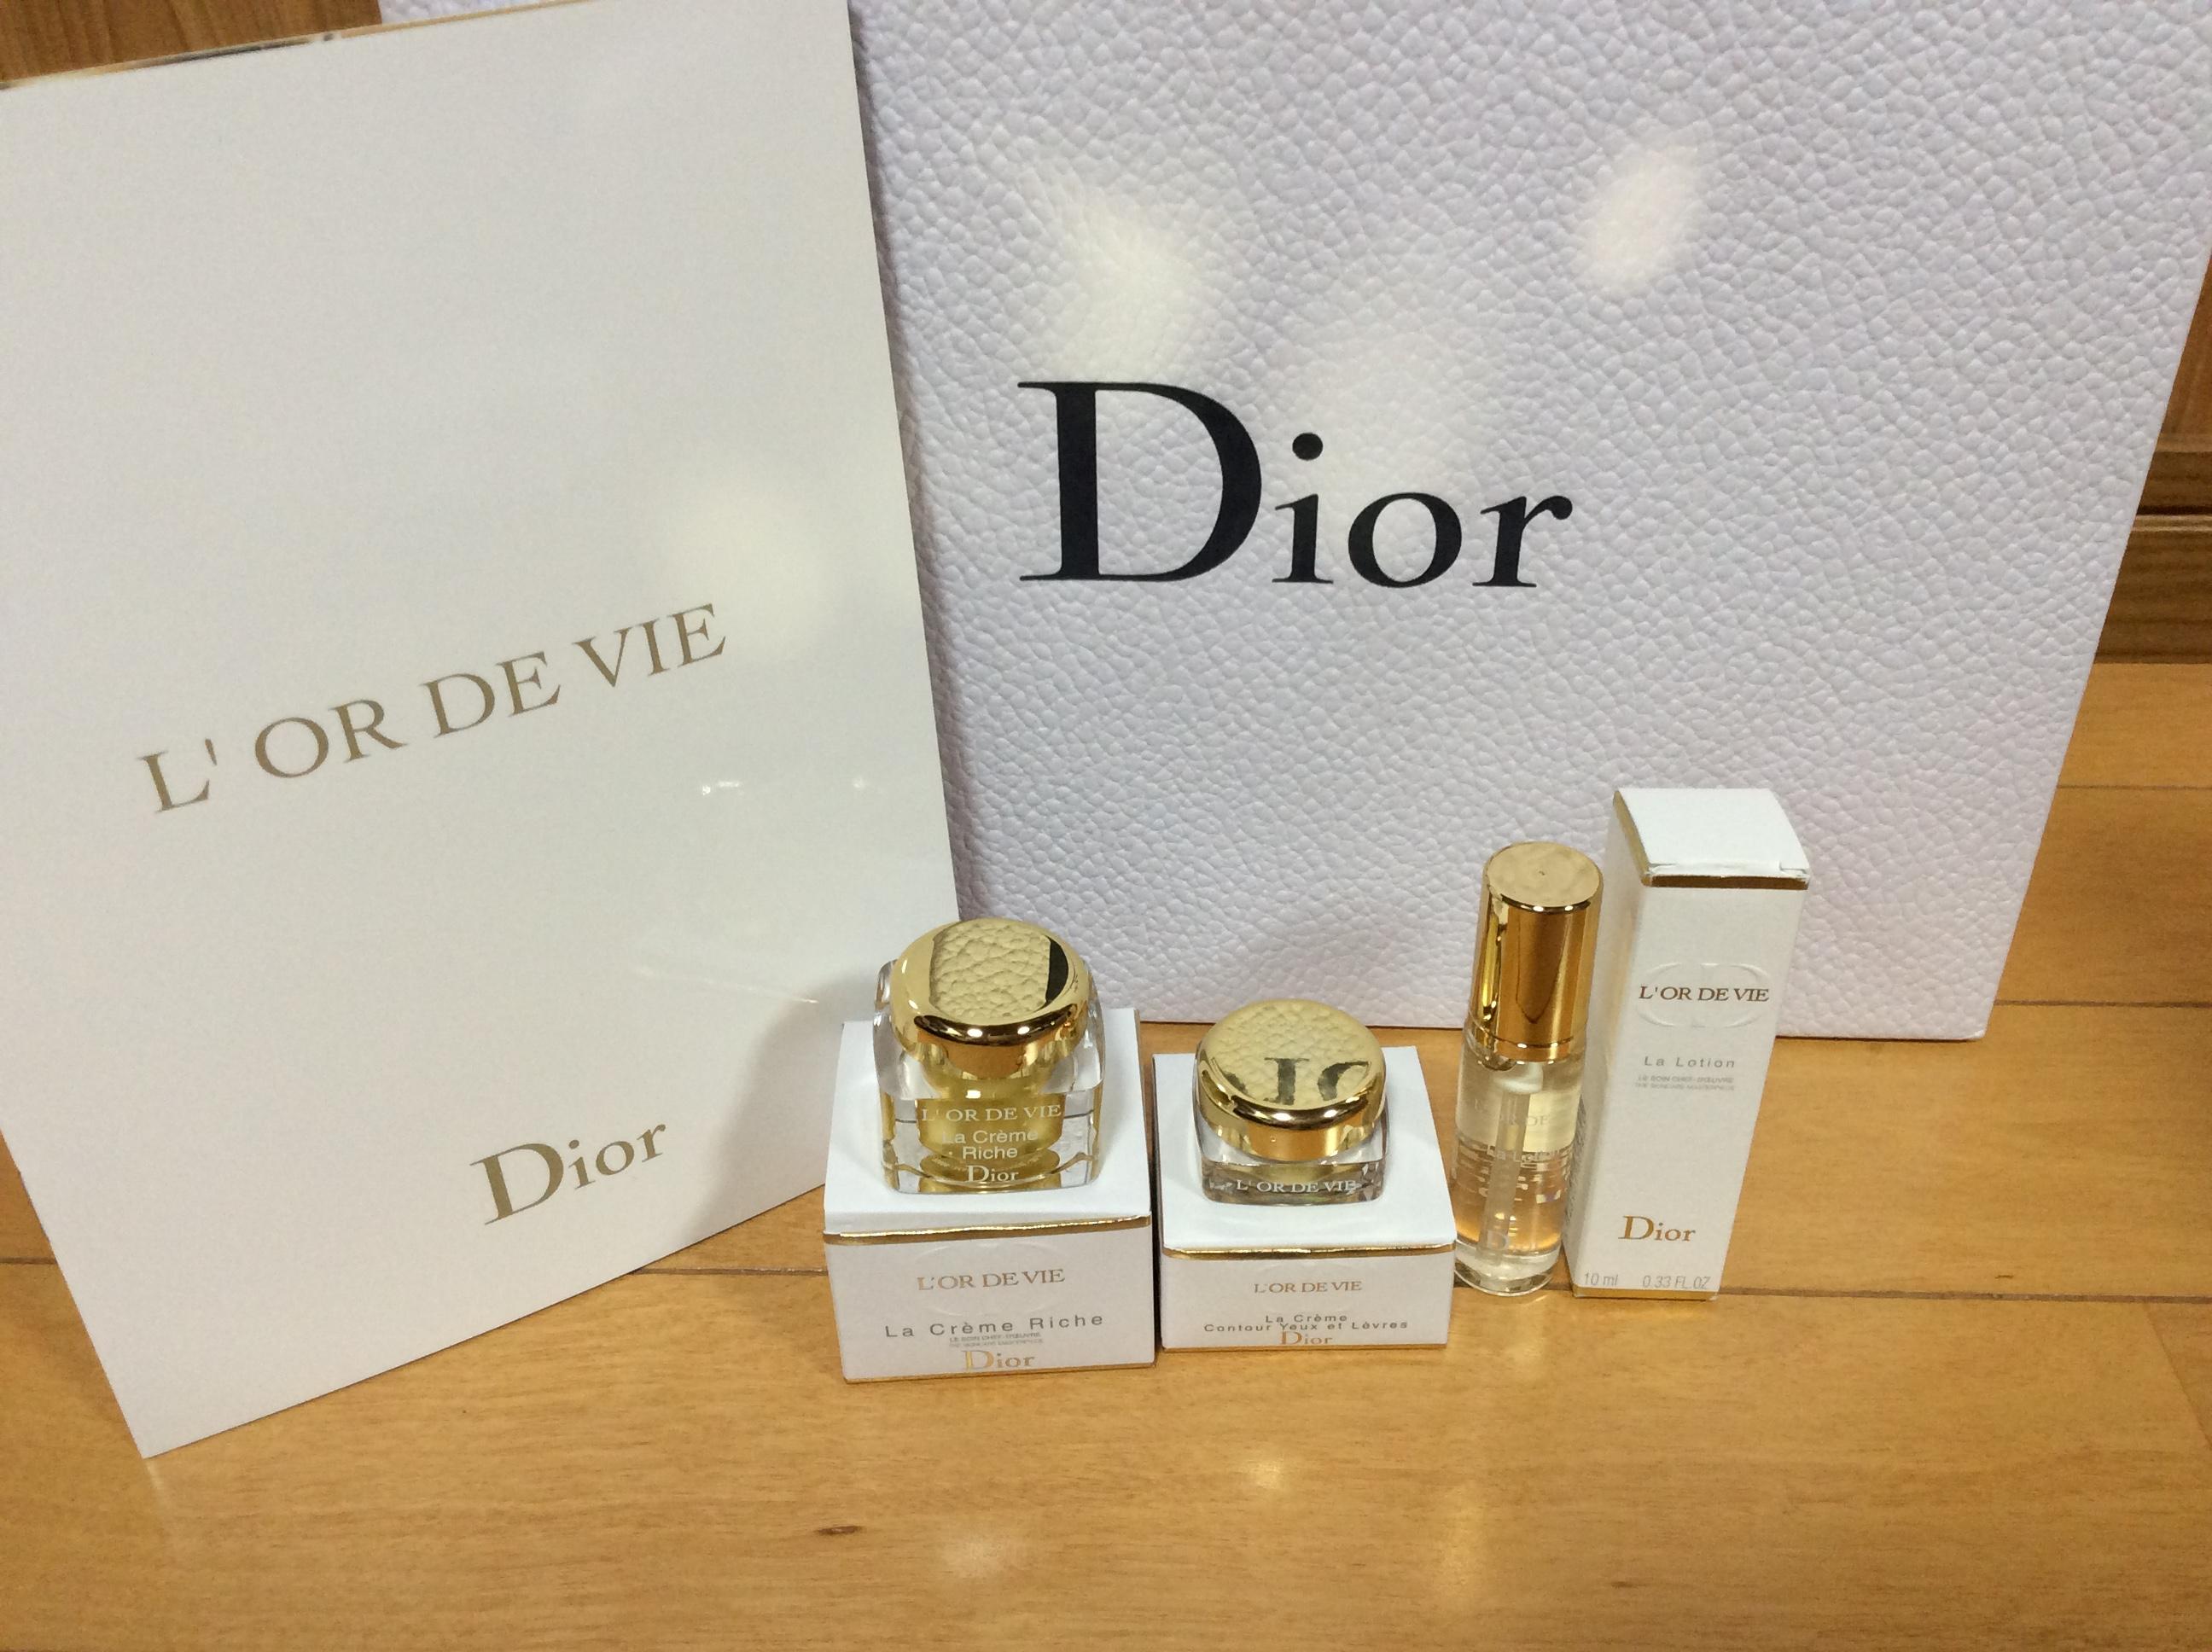 Dior オードヴィ オー・ド・ヴィ